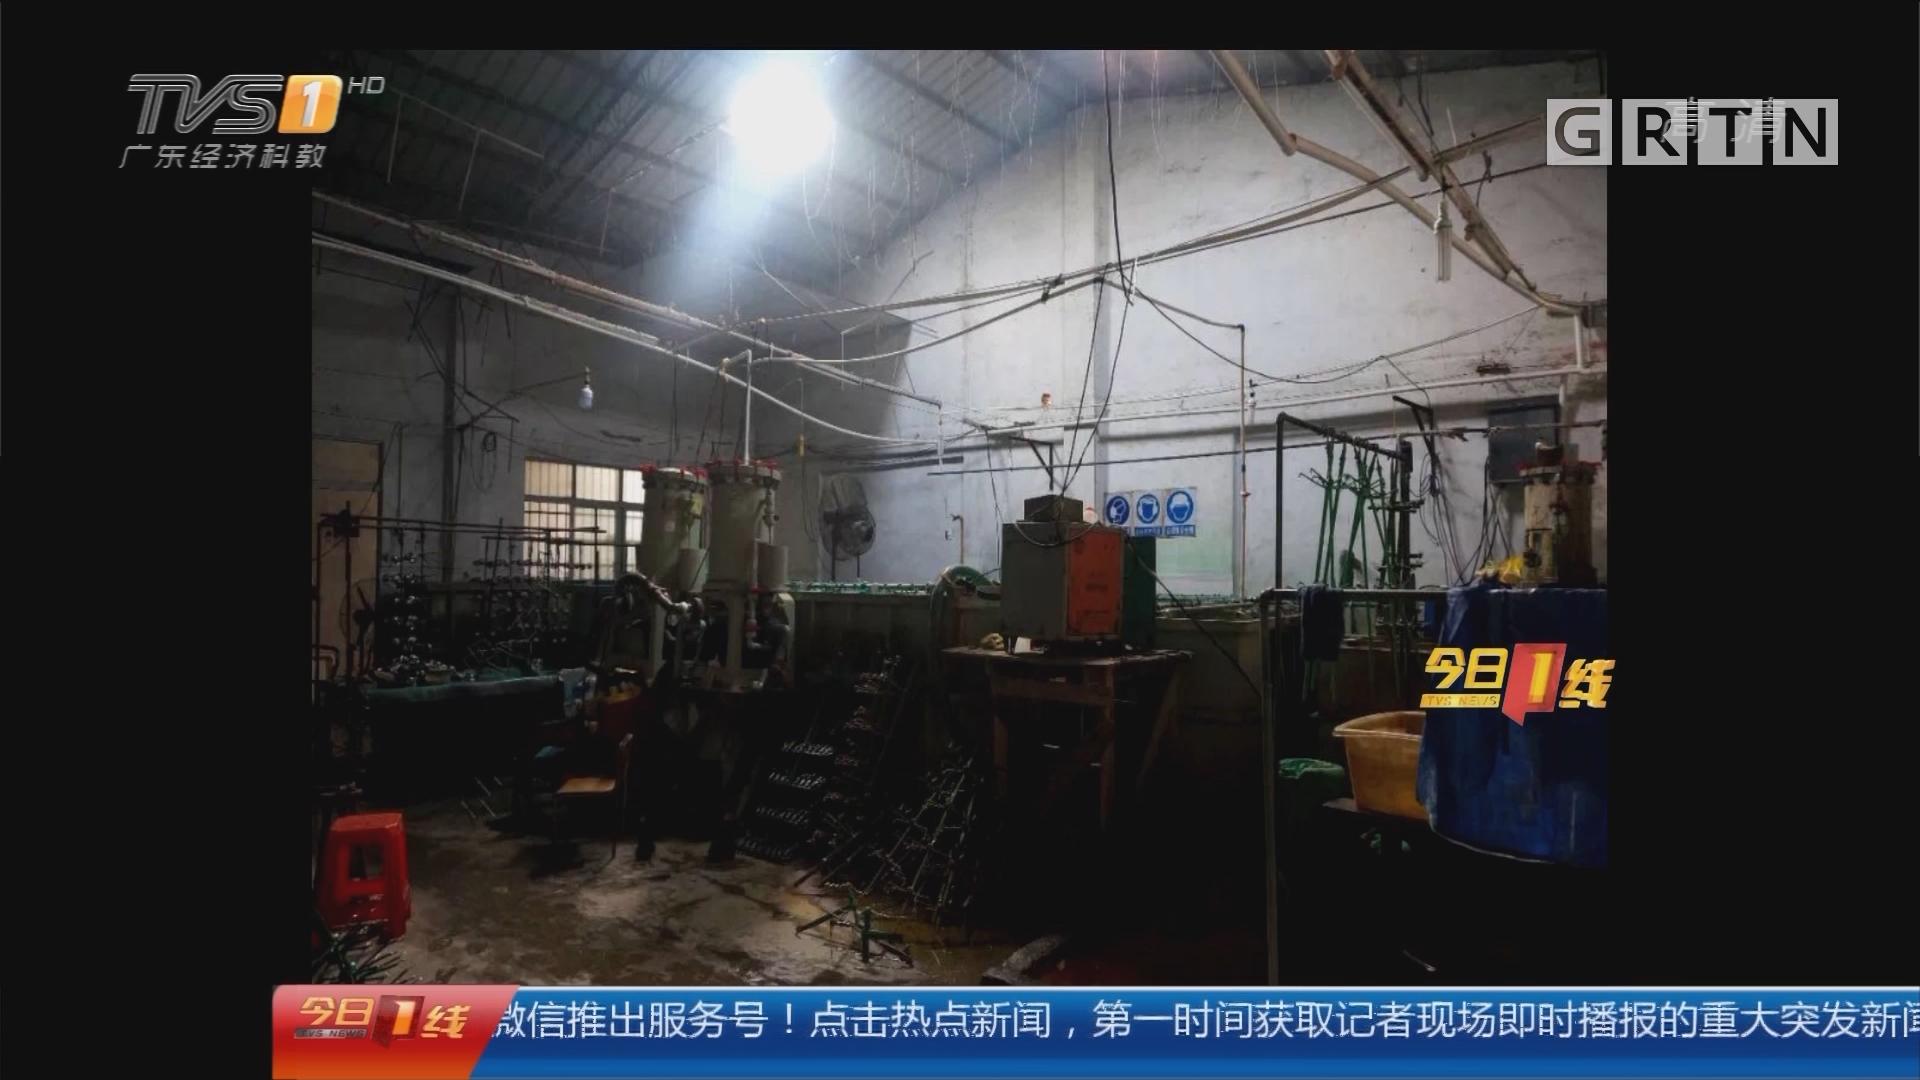 江门:警方查处偷排电镀厂 查封设备不翼而飞